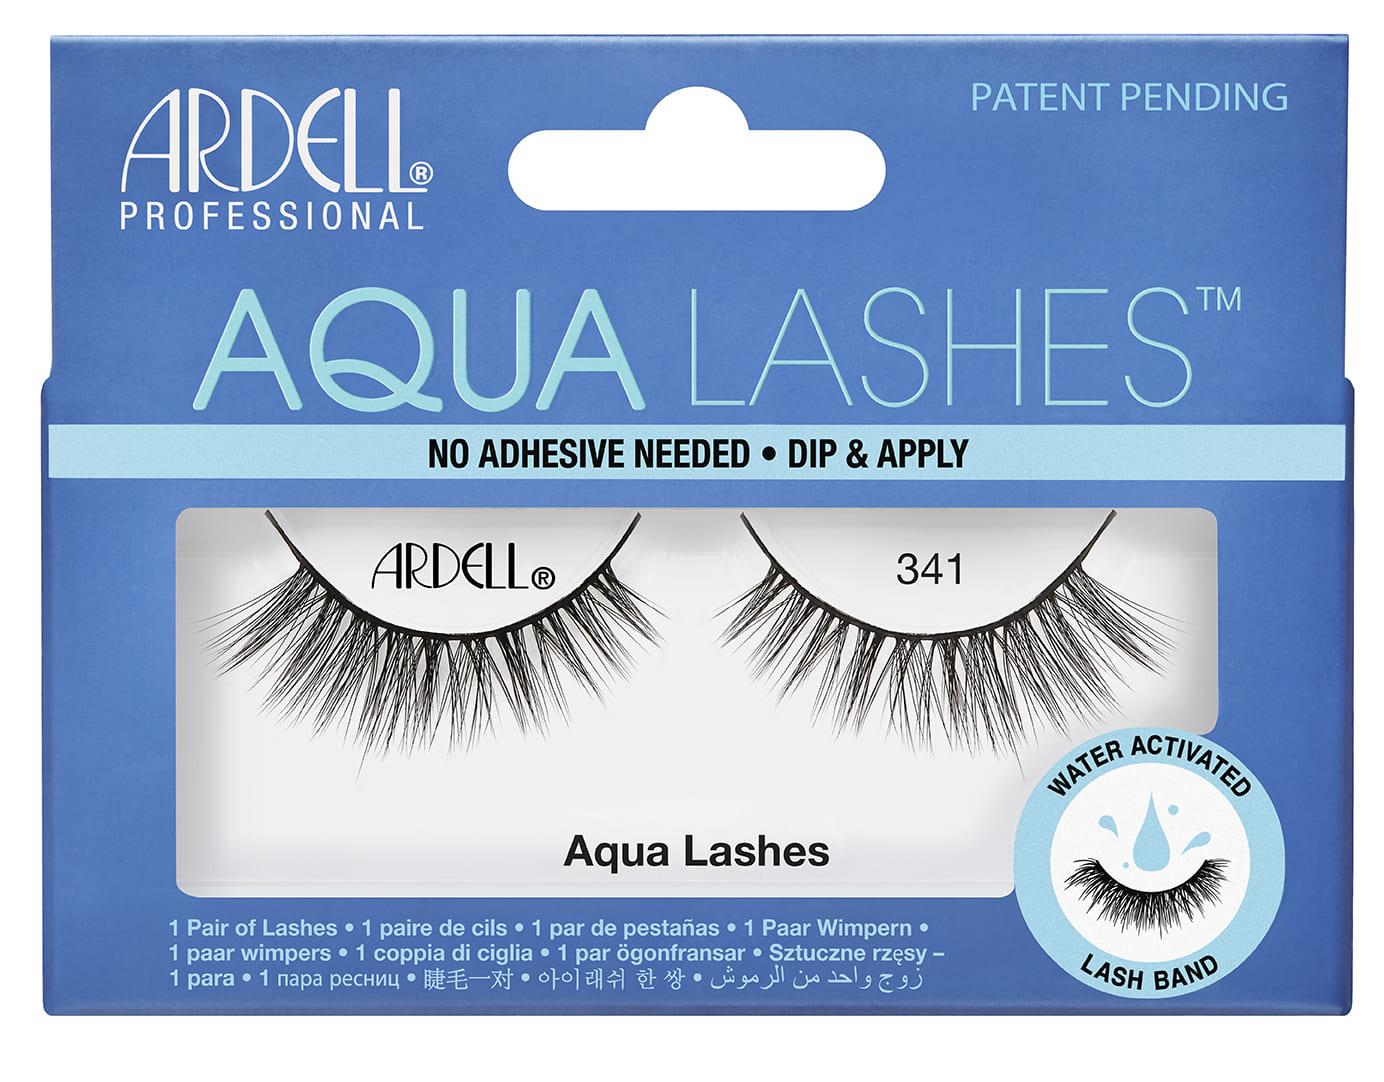 63402 Aqua Lashes 341 Front Box